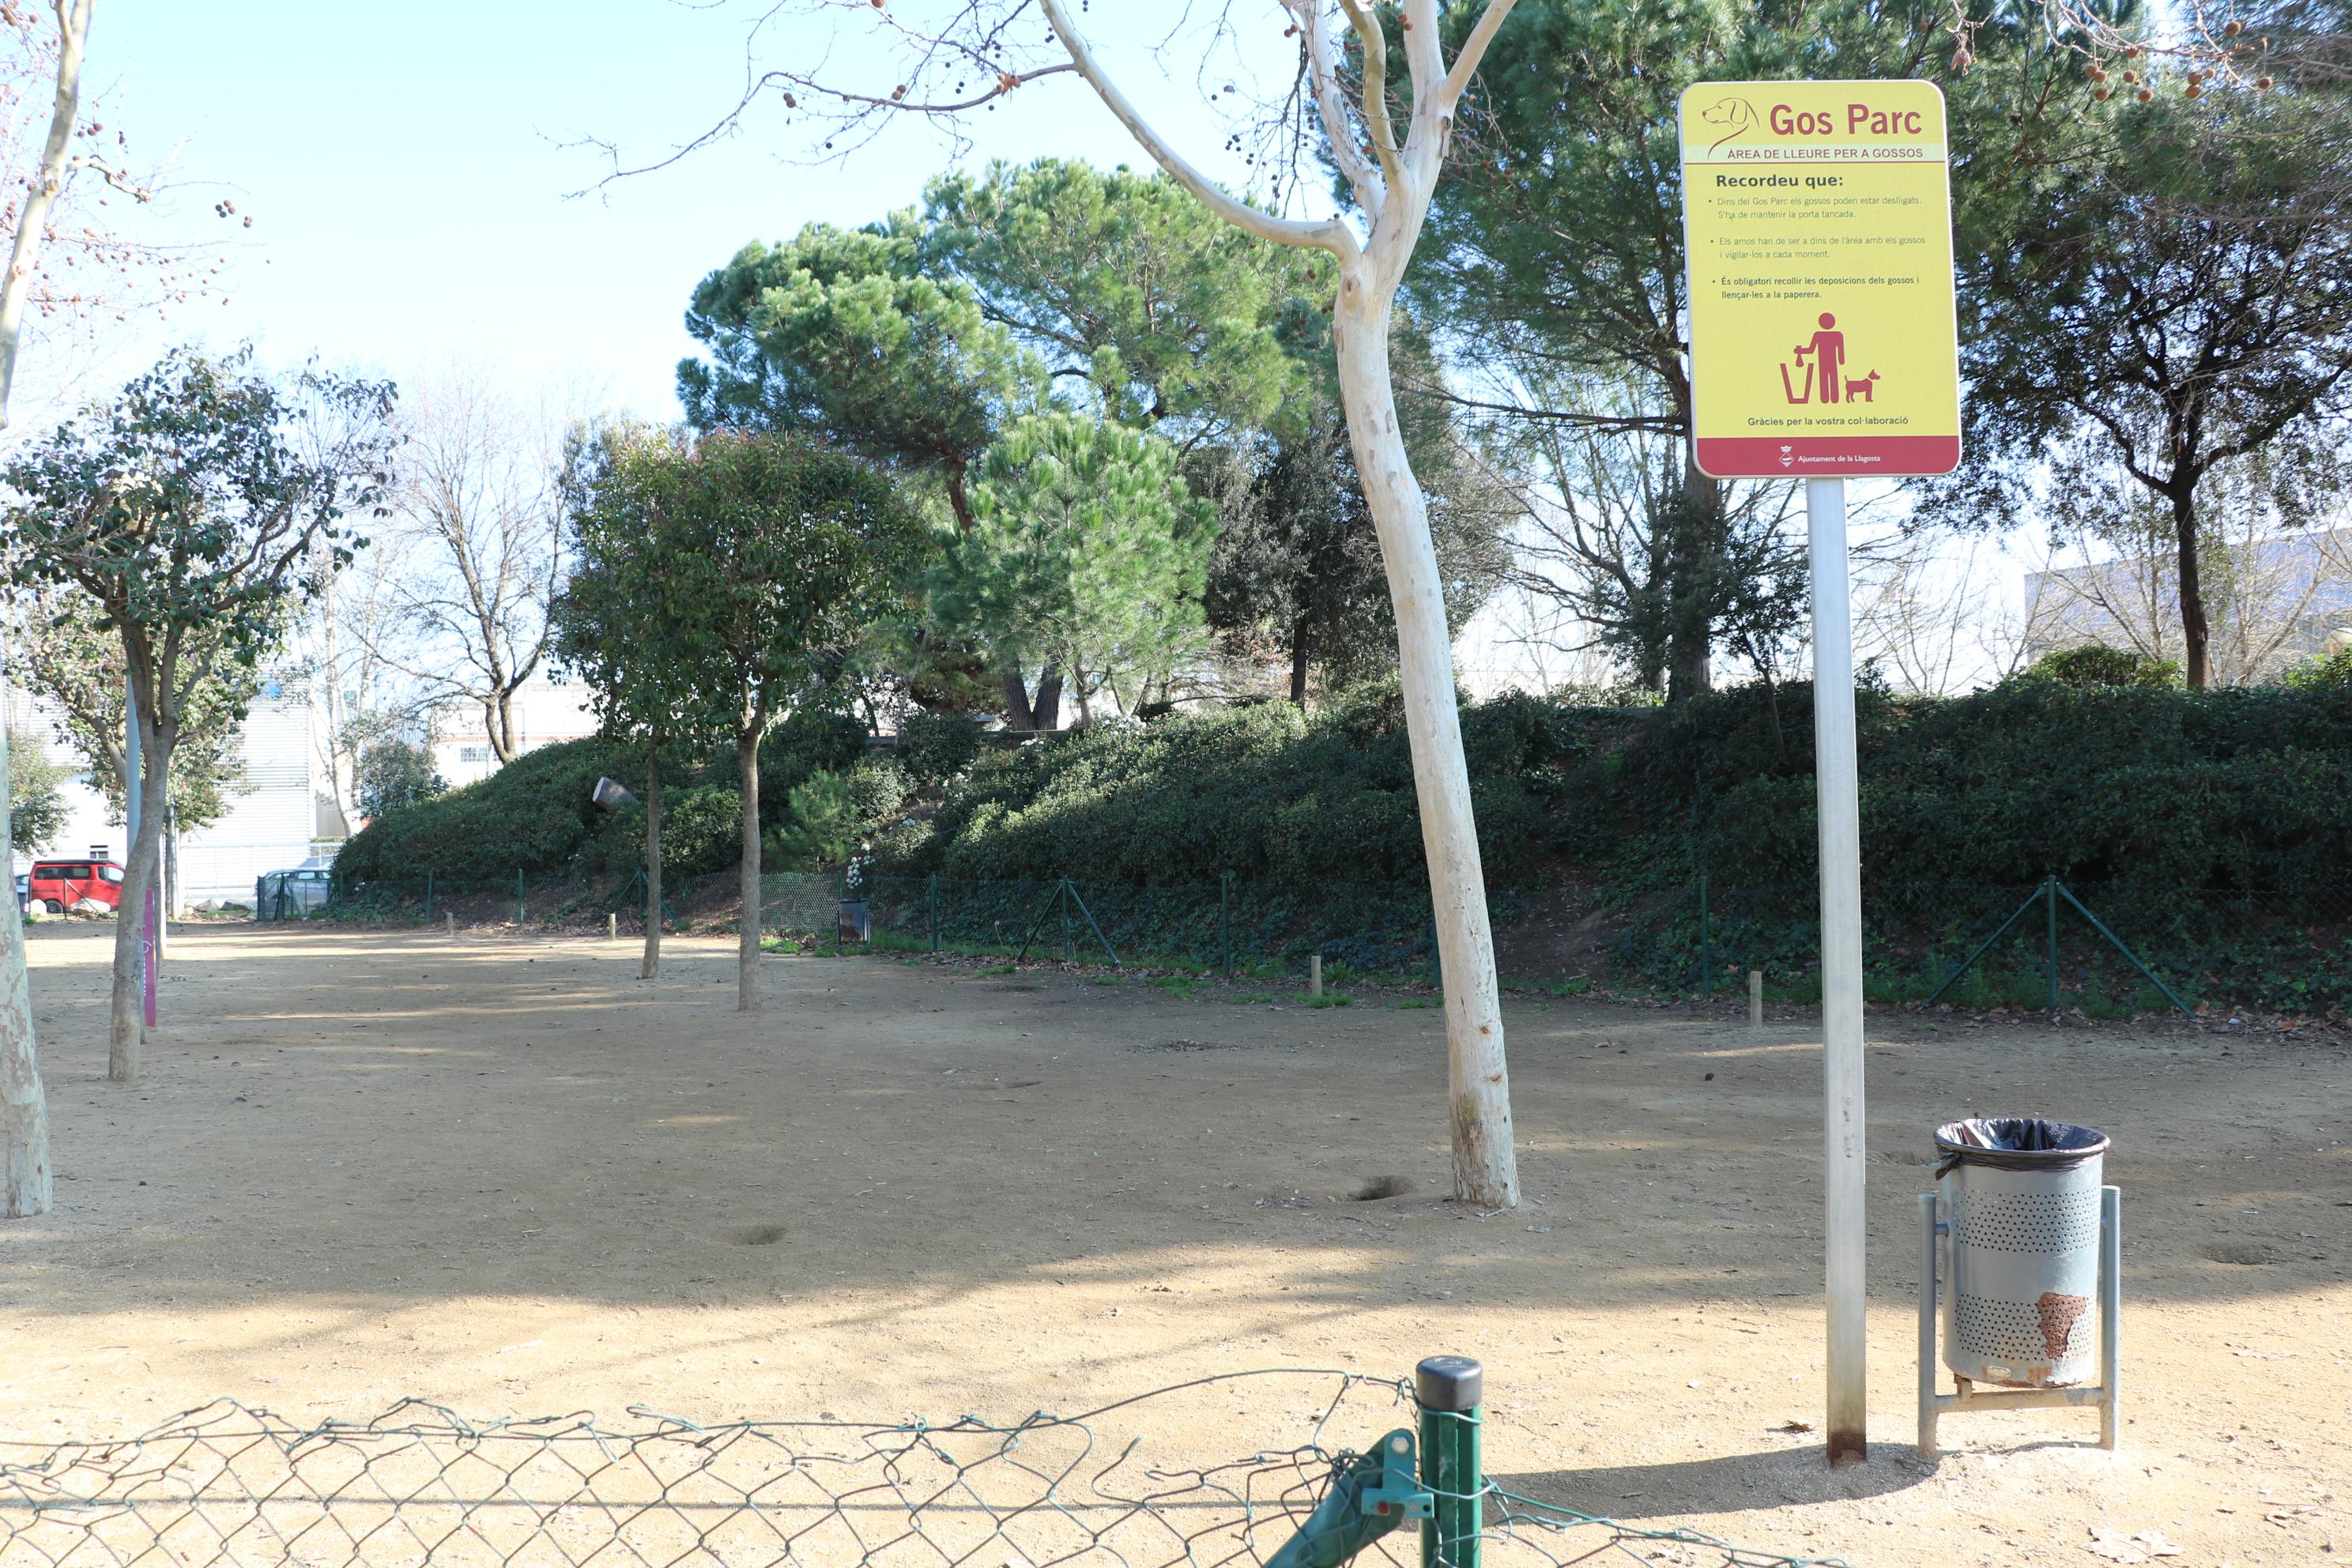 L'Ajuntament ampliarà i millorarà el Gos Parc